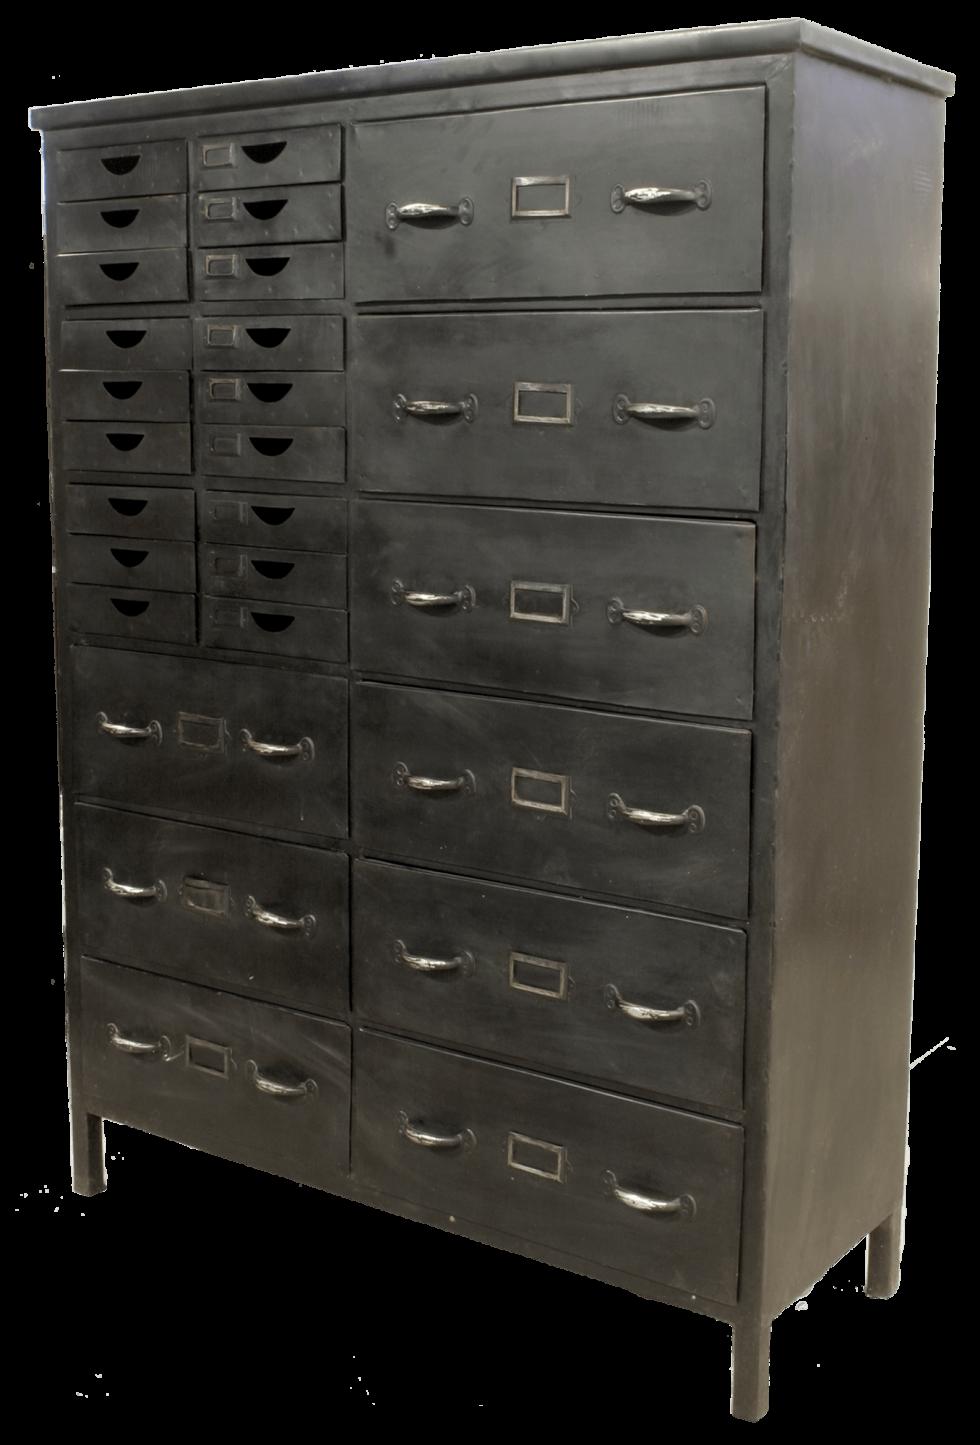 K006 Industriële ladenkast met 27 laden de perfecte opberger van quip&Co